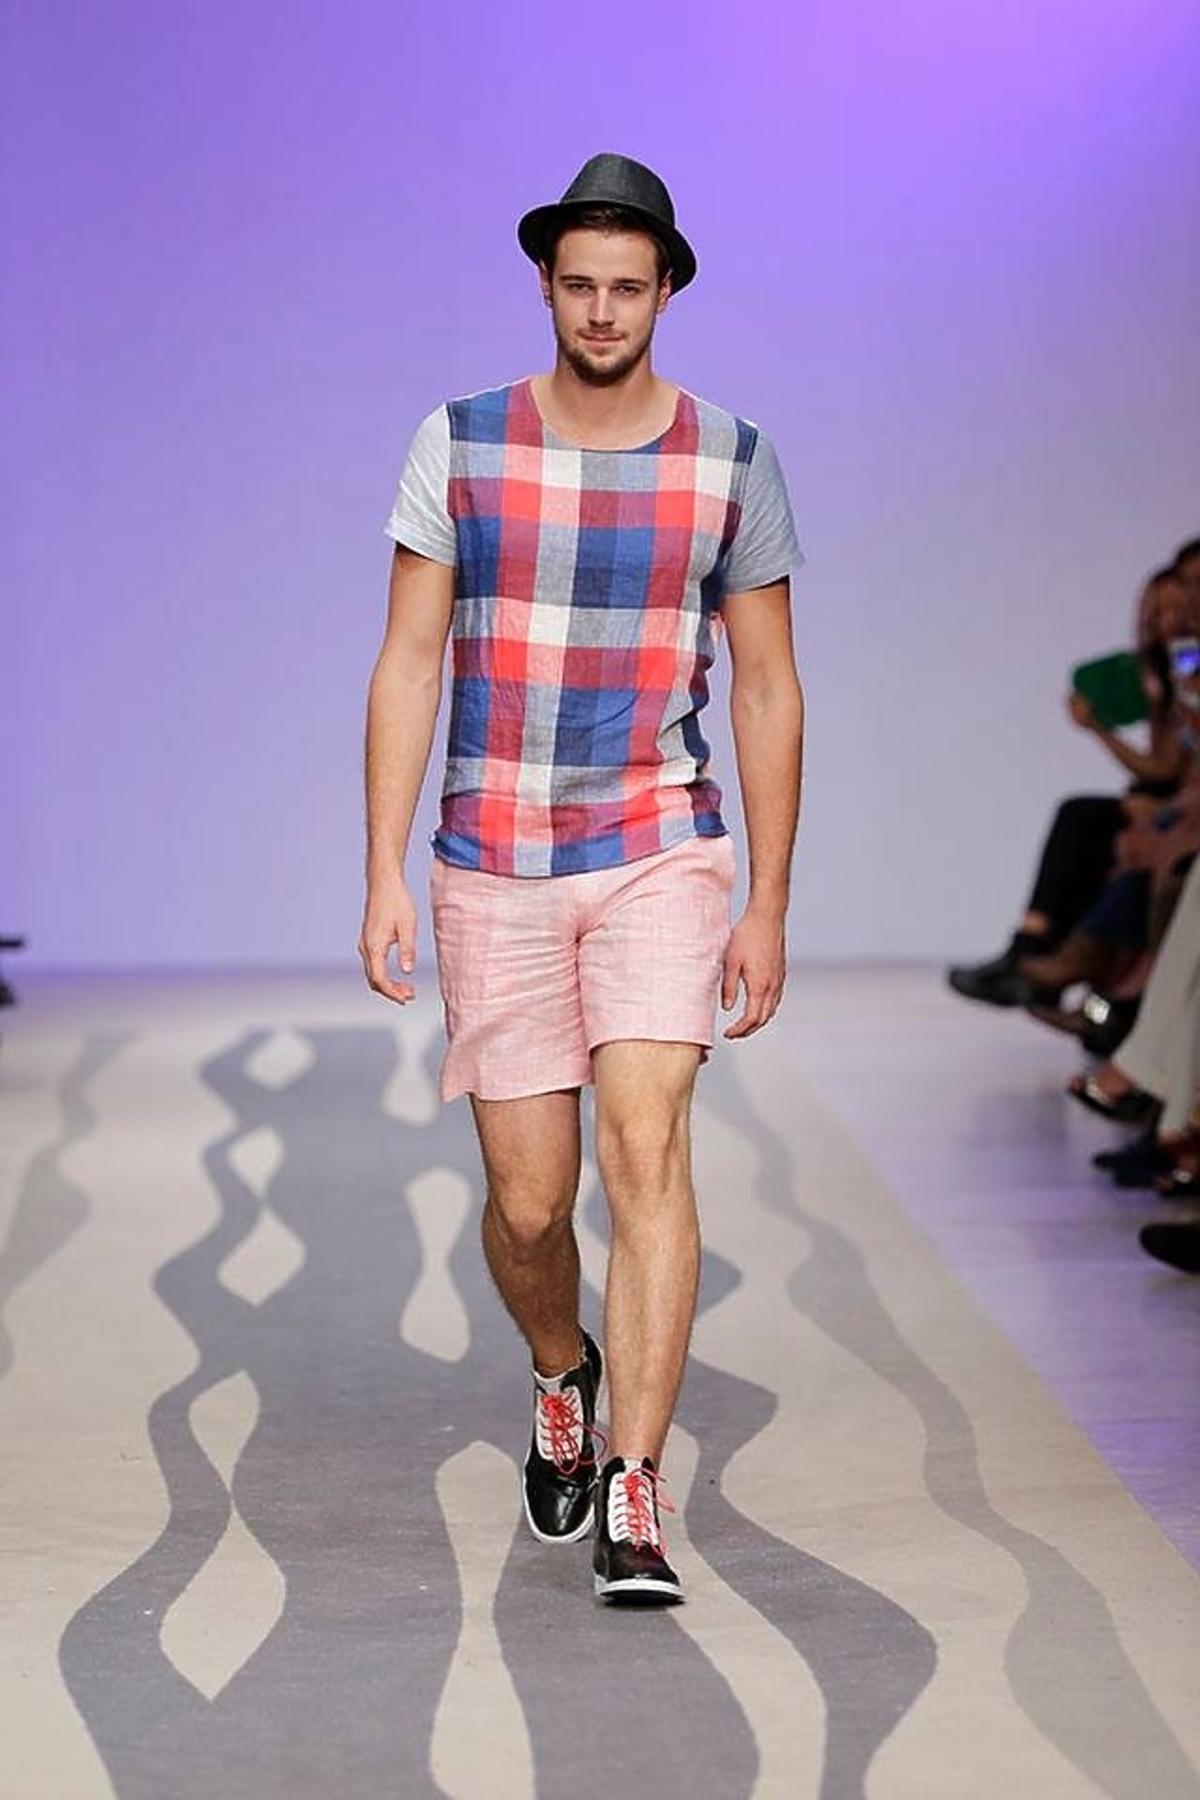 Mateusz Jarzębiak Góral z Top Model na Fashion Weeku w Lizbonie